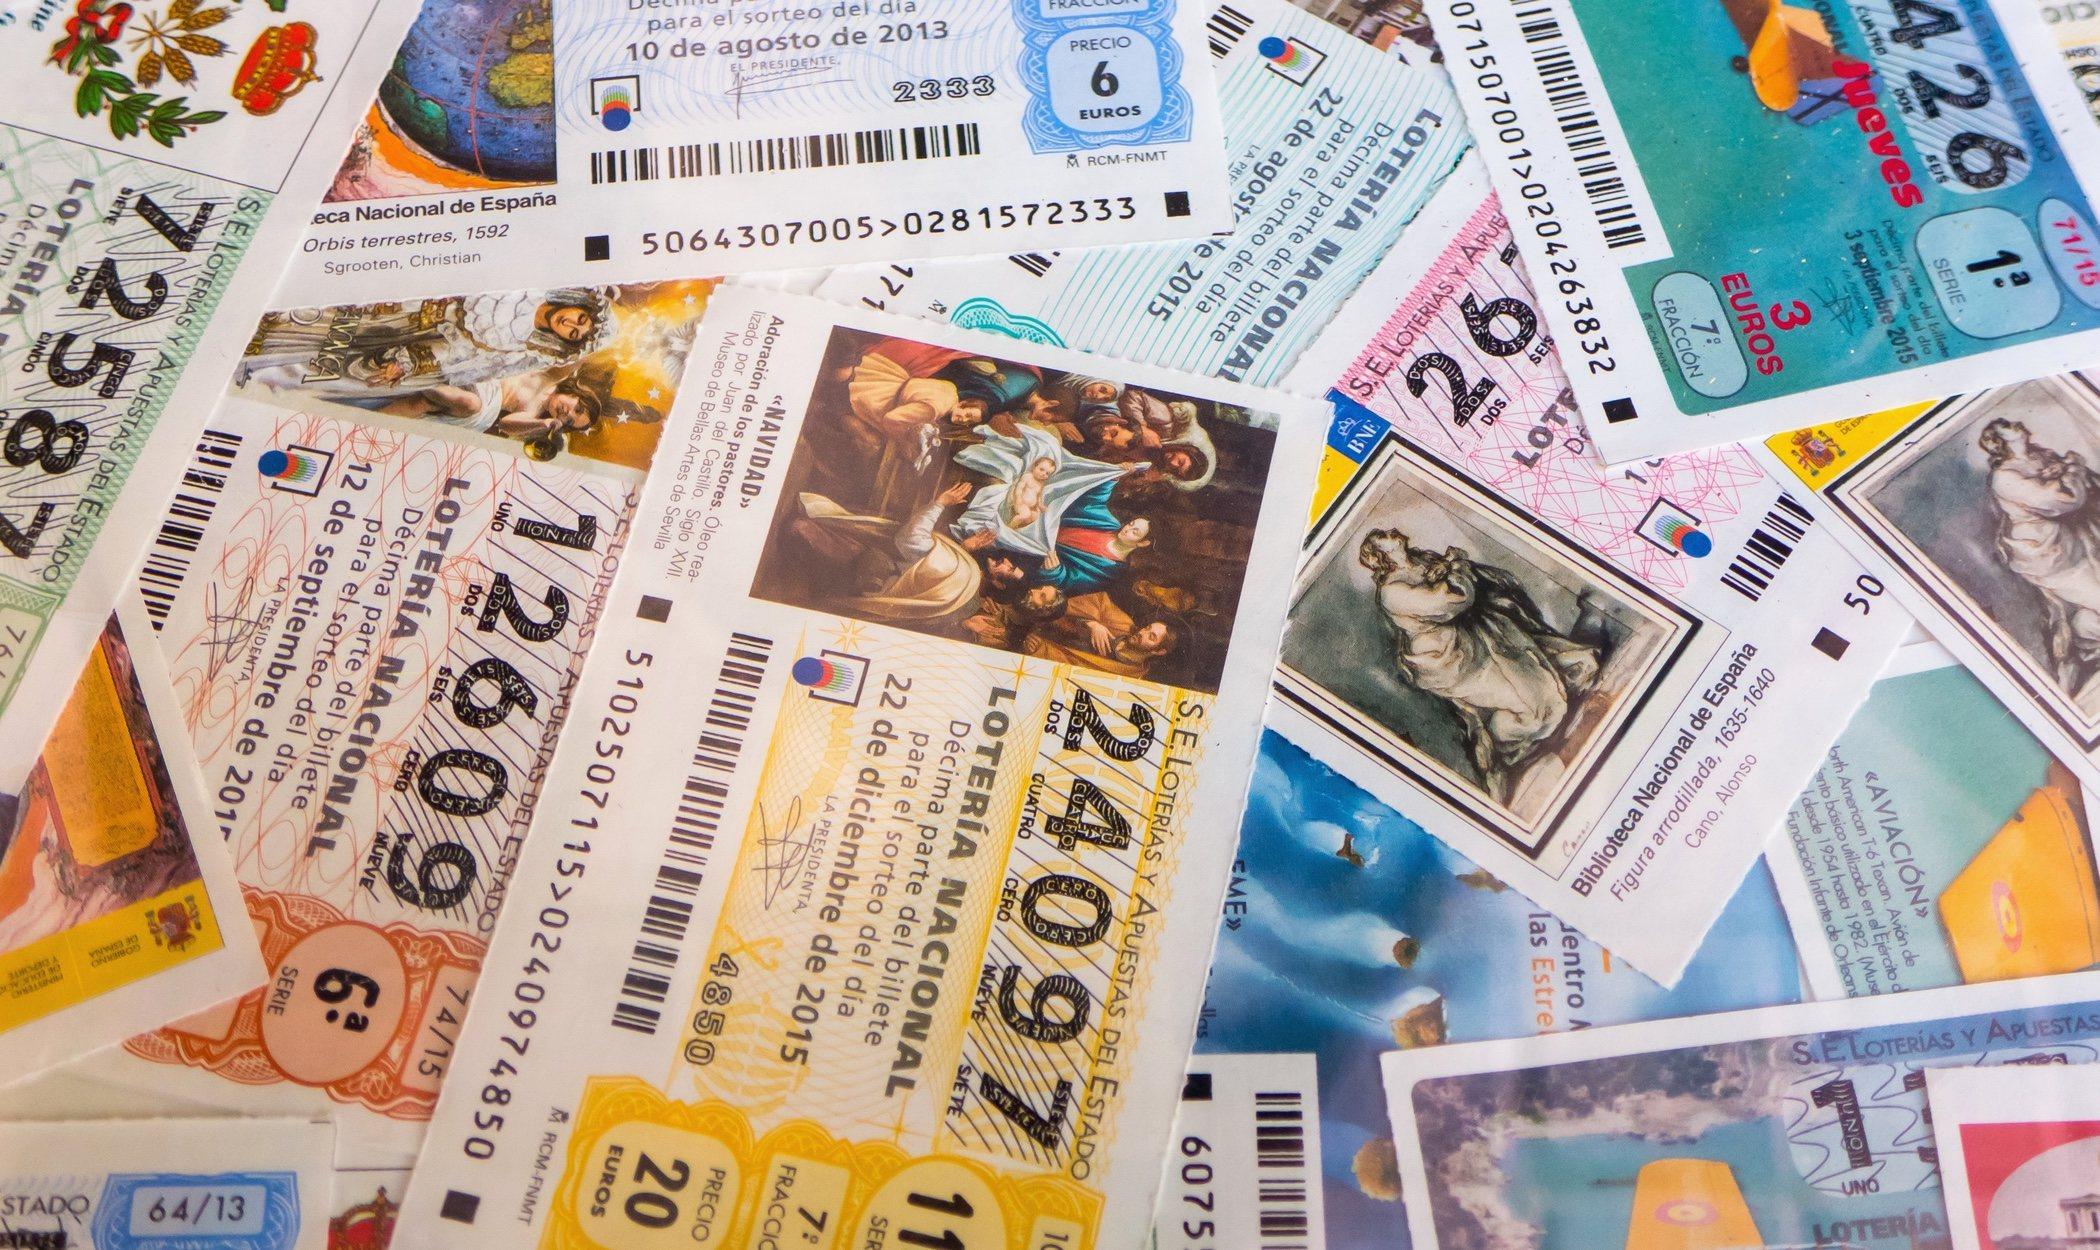 Las administraciones de lotería de Navidad más famosas de España